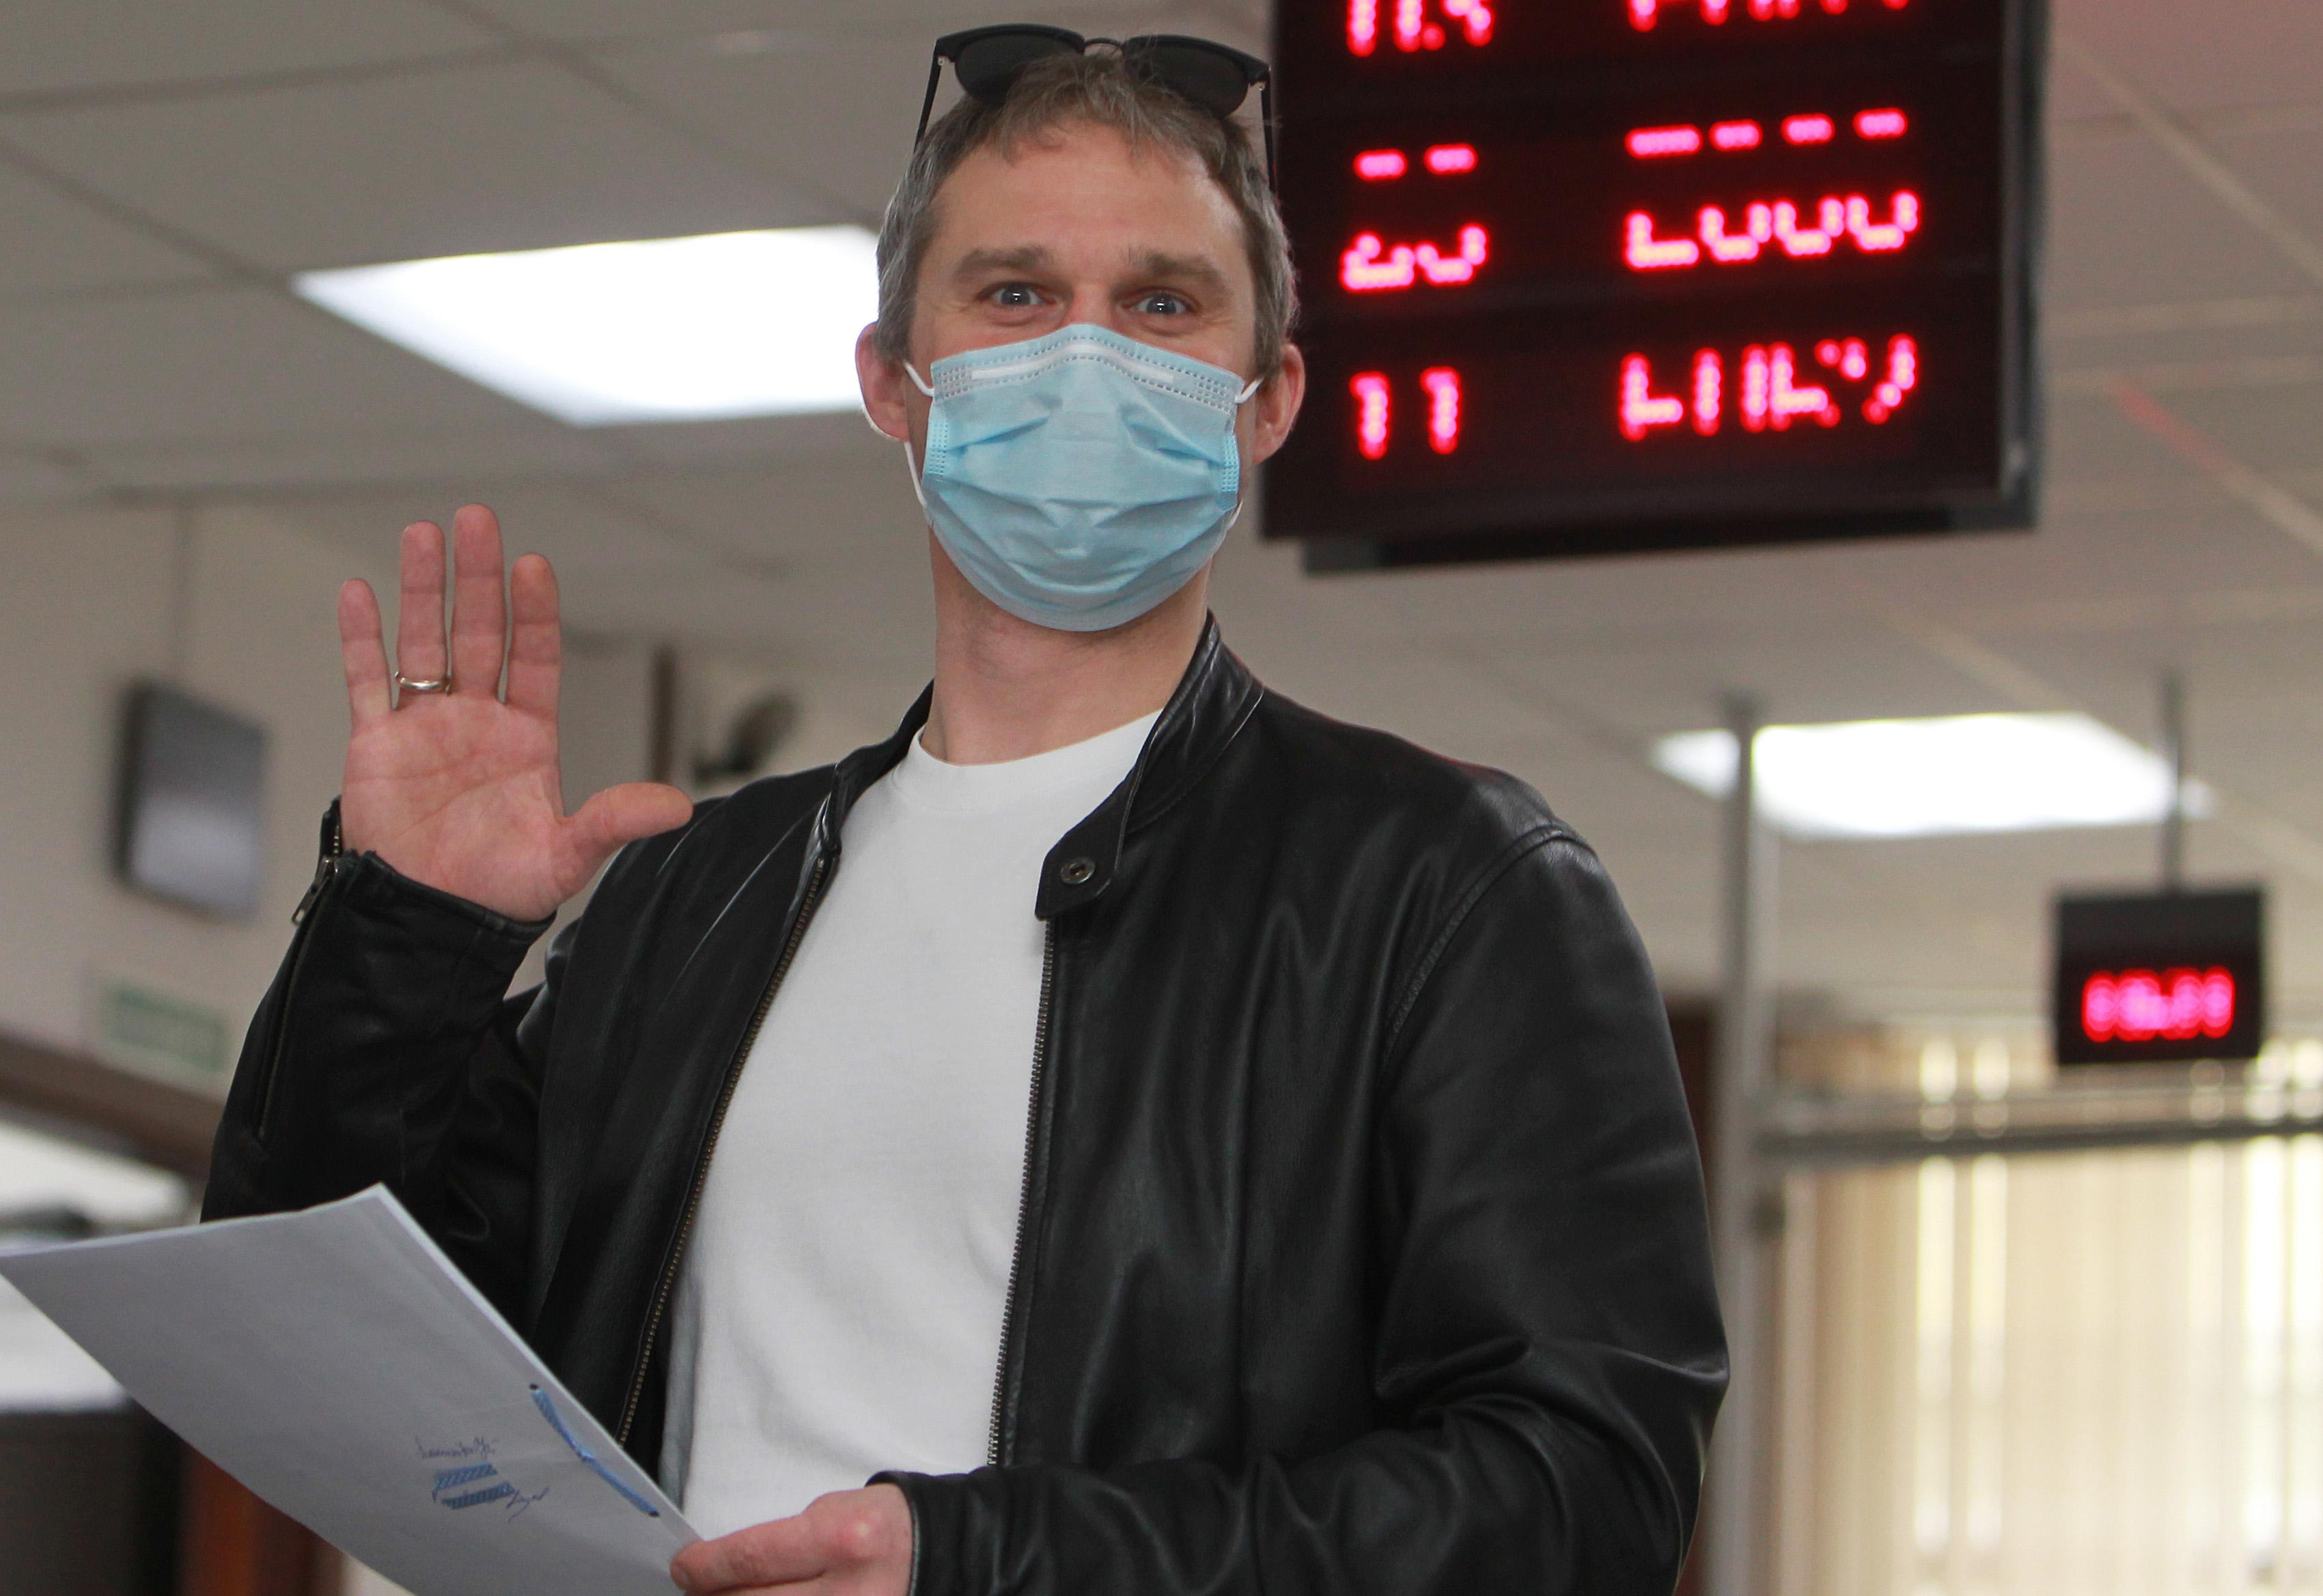 Бесплатную проверку здоровья запустили в центрах госуслуг Москвы